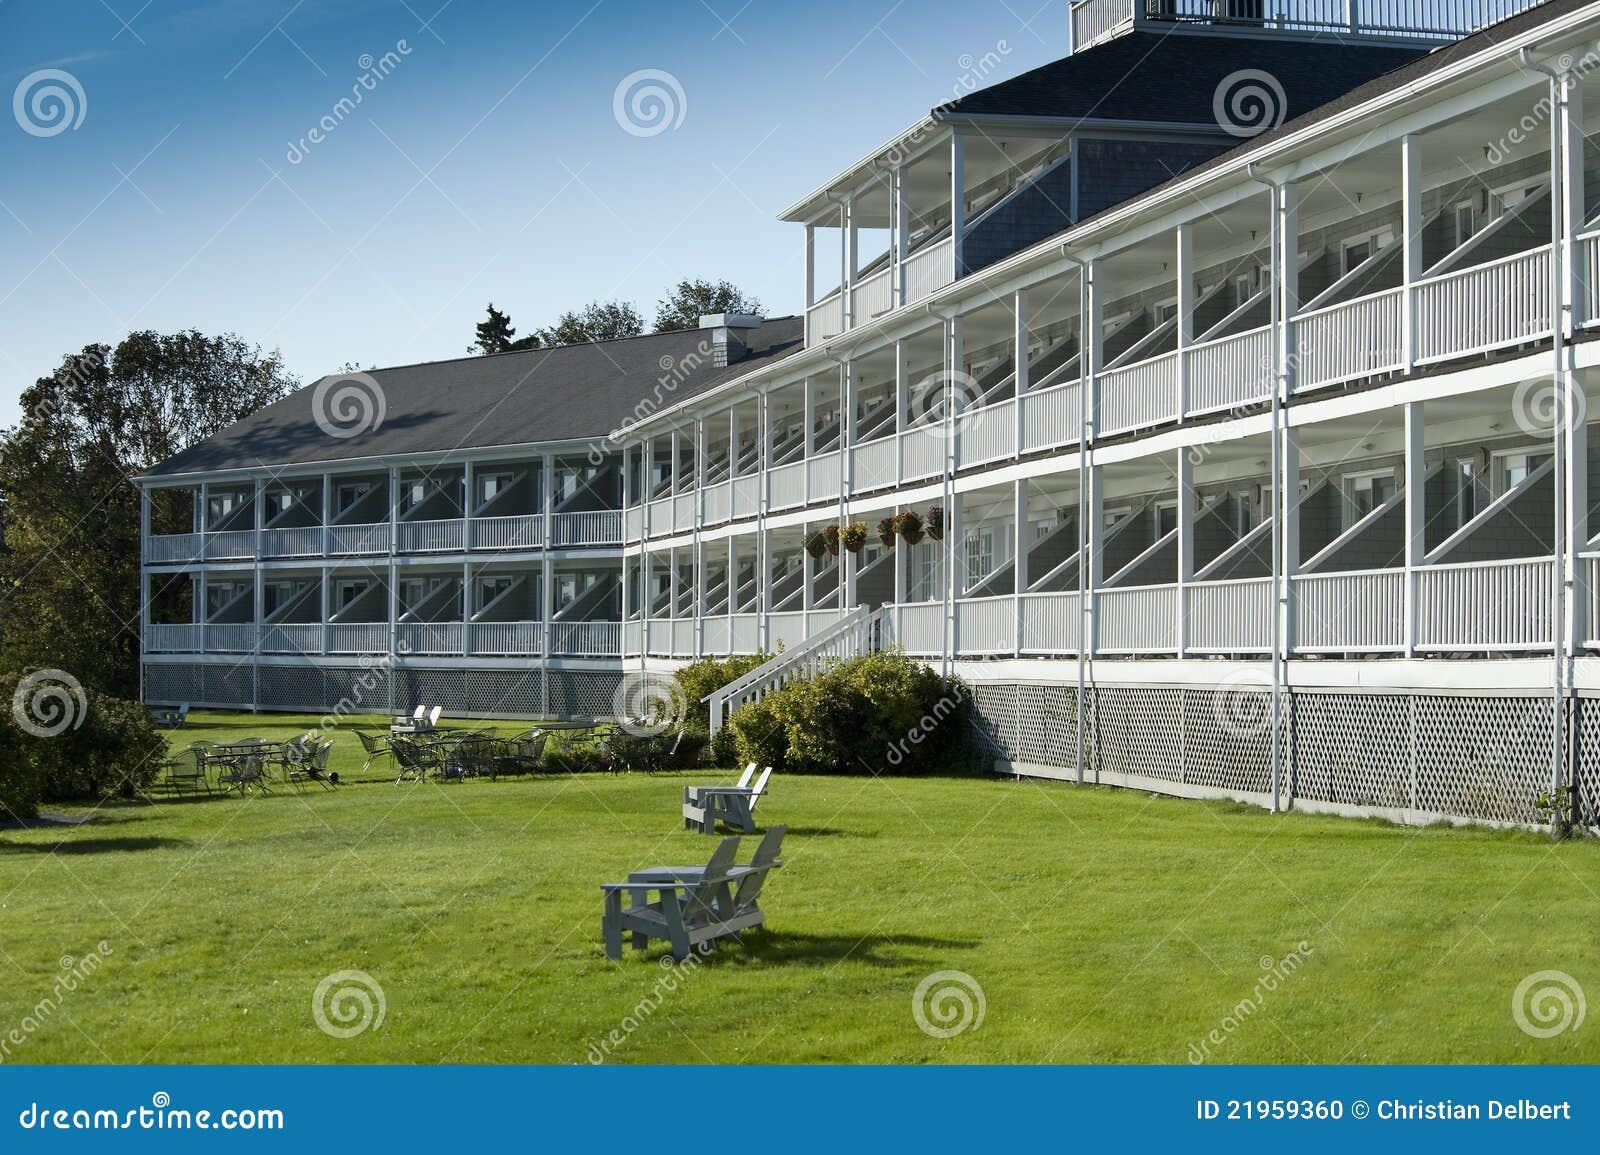 Hotel of motel